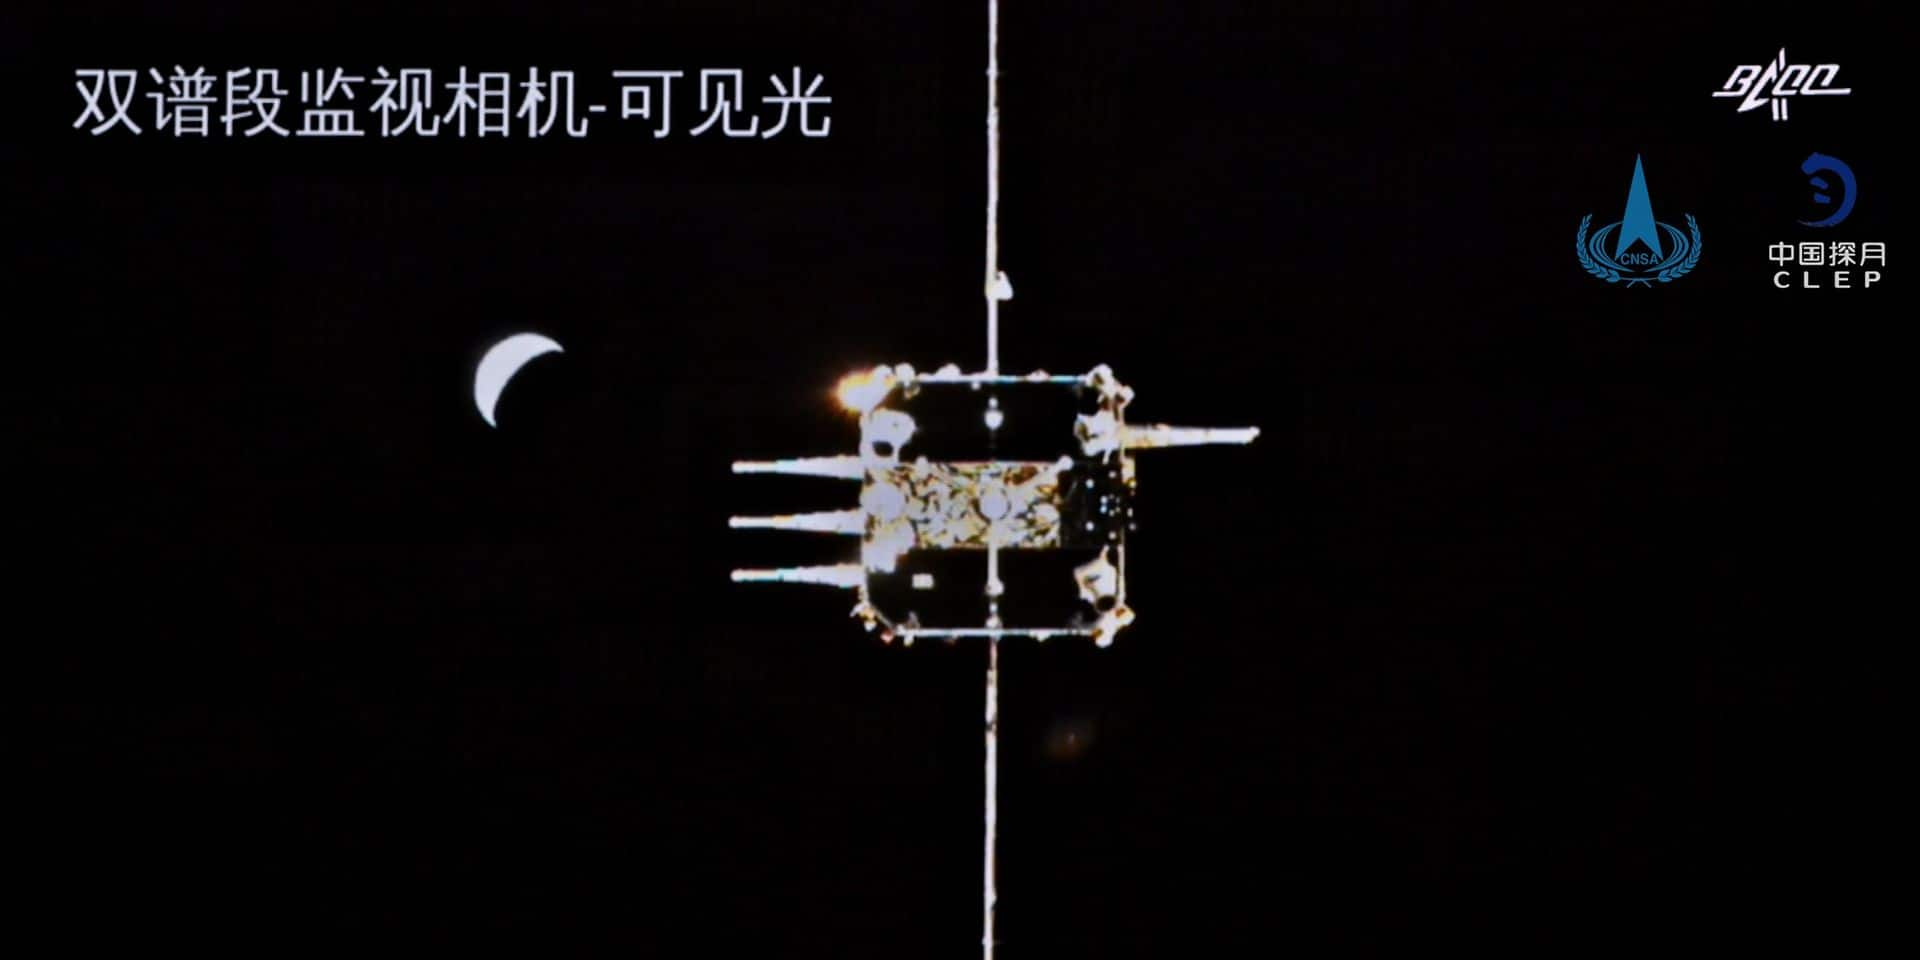 Encore une première mondiale pour la Chine qui réalise son premier amarrage en orbite lunaire